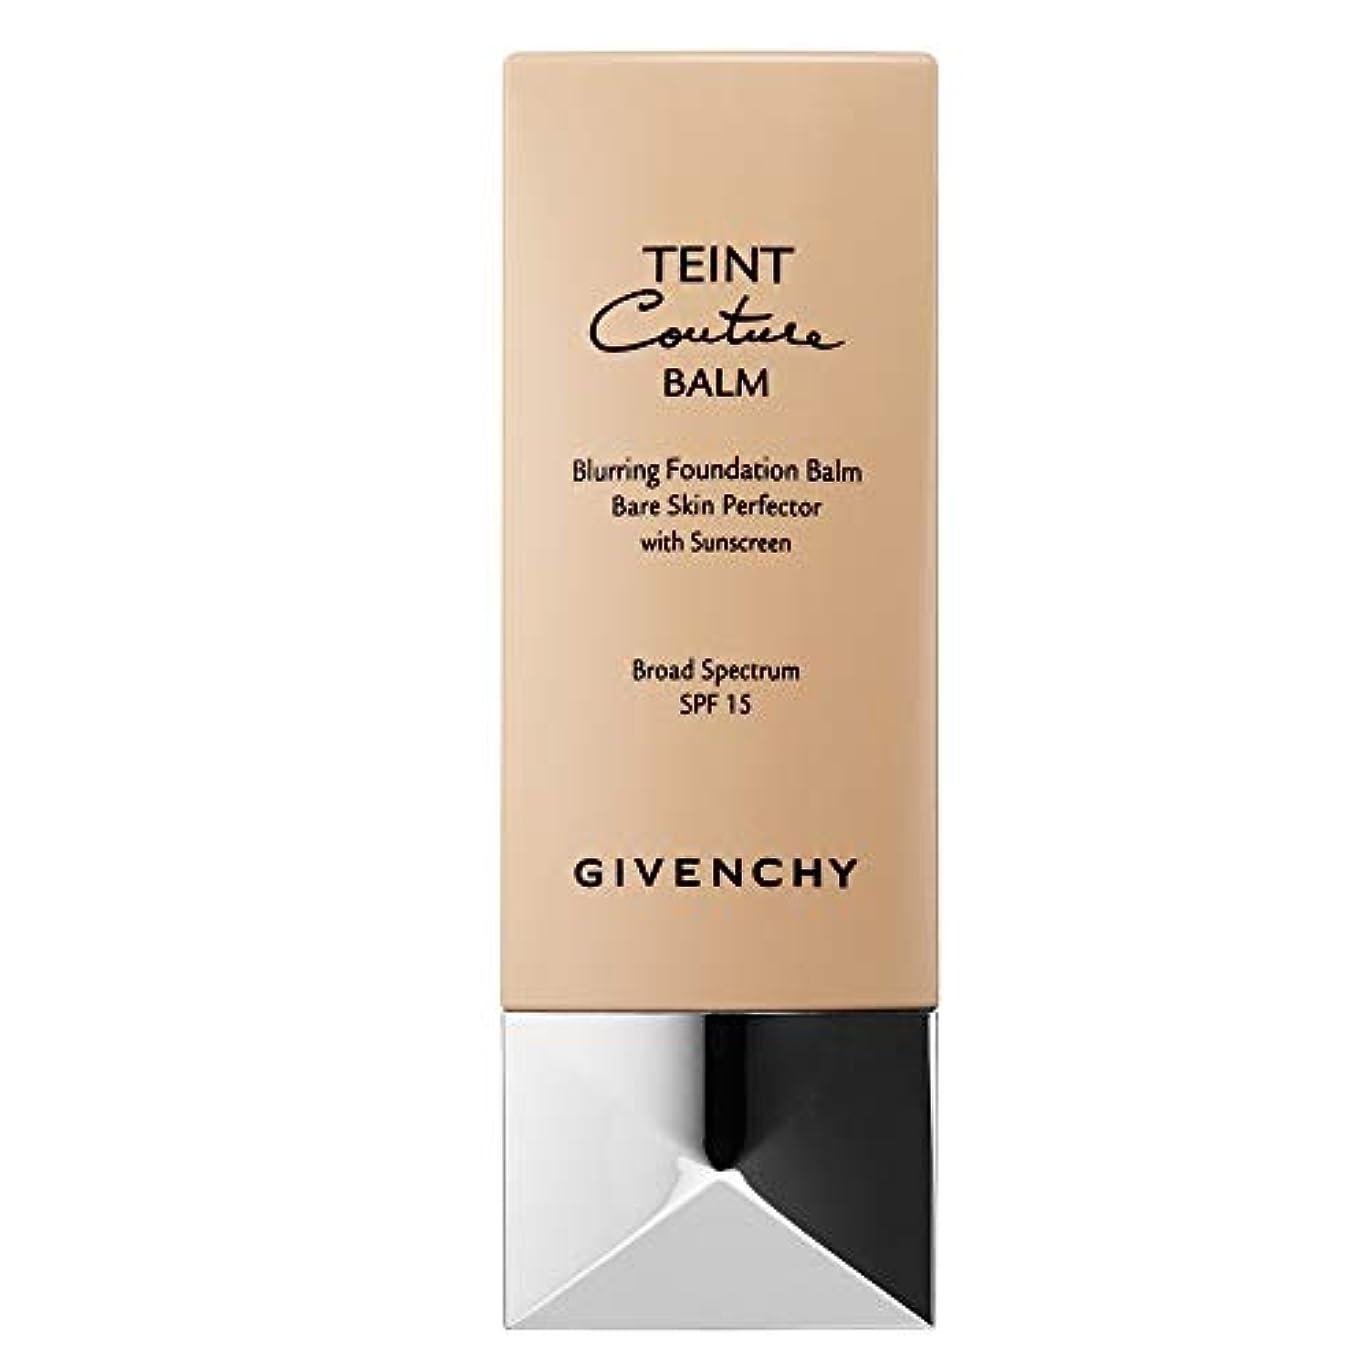 参加する結婚式パーツジバンシィ Teint Couture Blurring Foundation Balm SPF 15 - # 1 Nude Porcelain 30ml/1oz並行輸入品